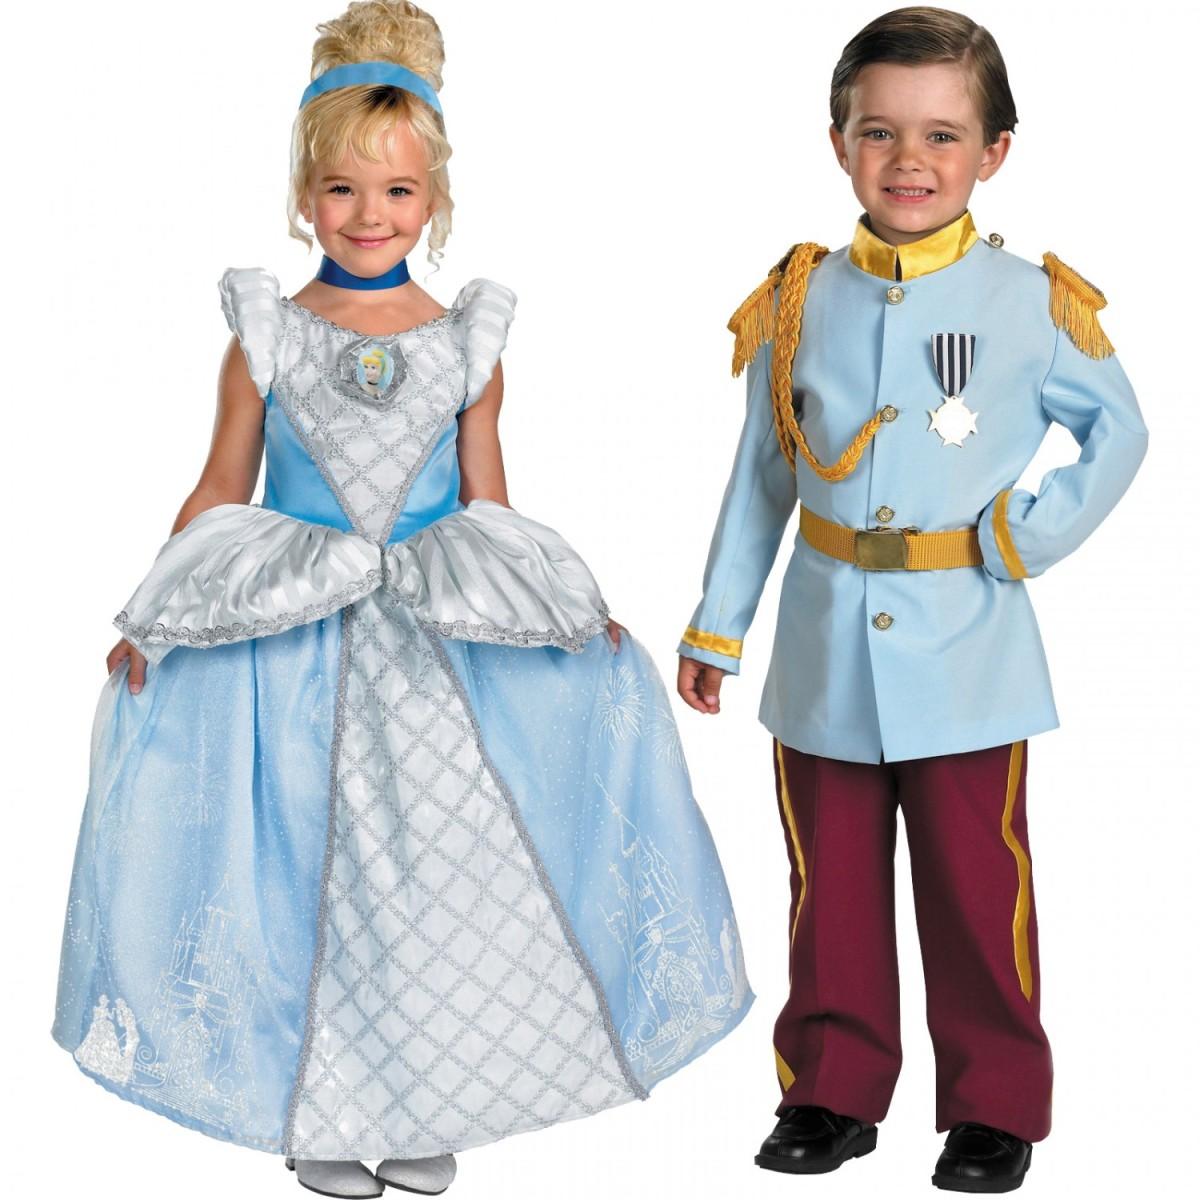 Festa Princesas: Dicas para festa princesa e príncipe